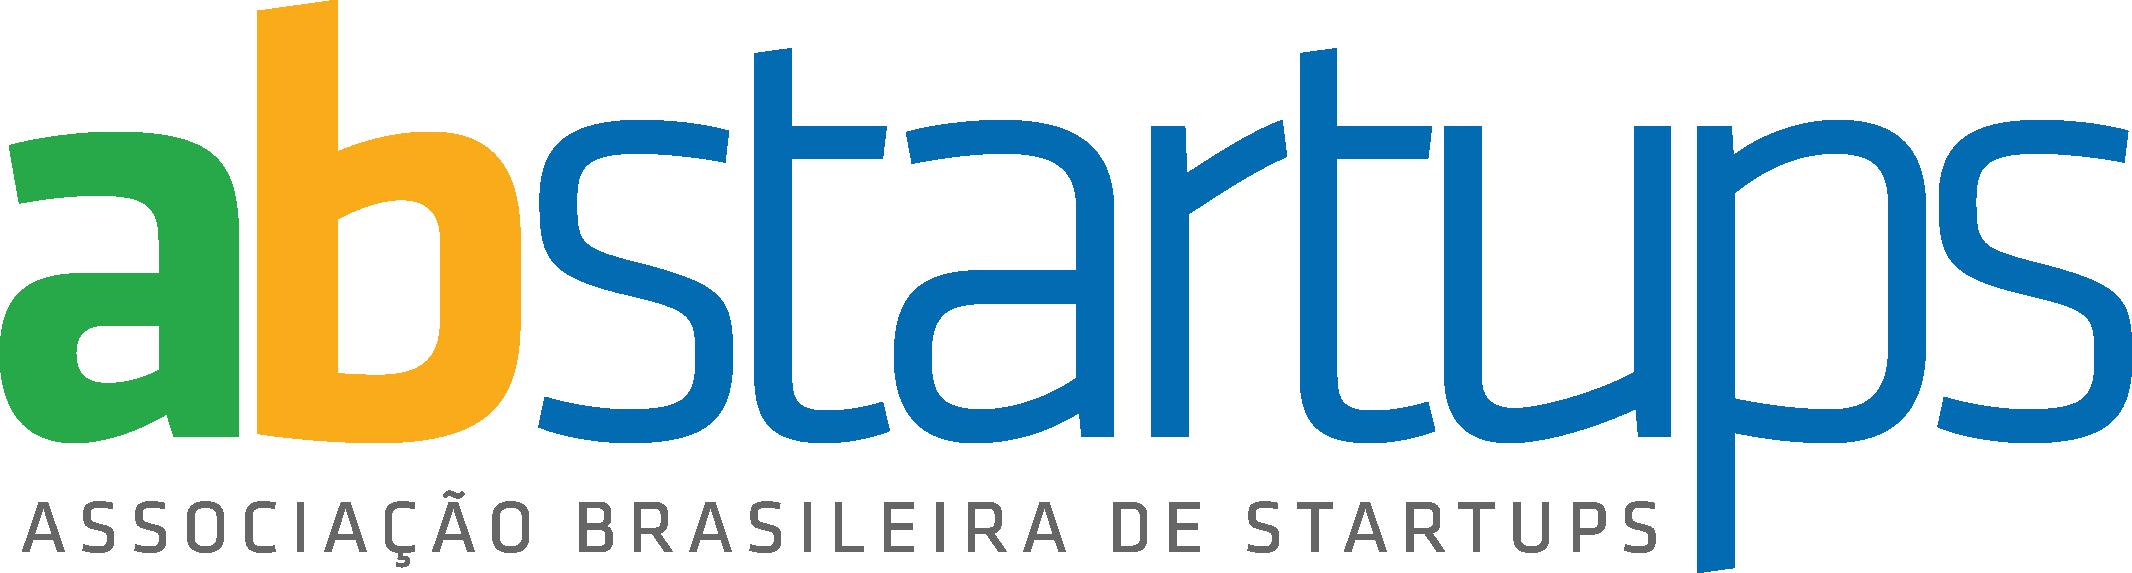 Resultado de imagem para abstartups logo